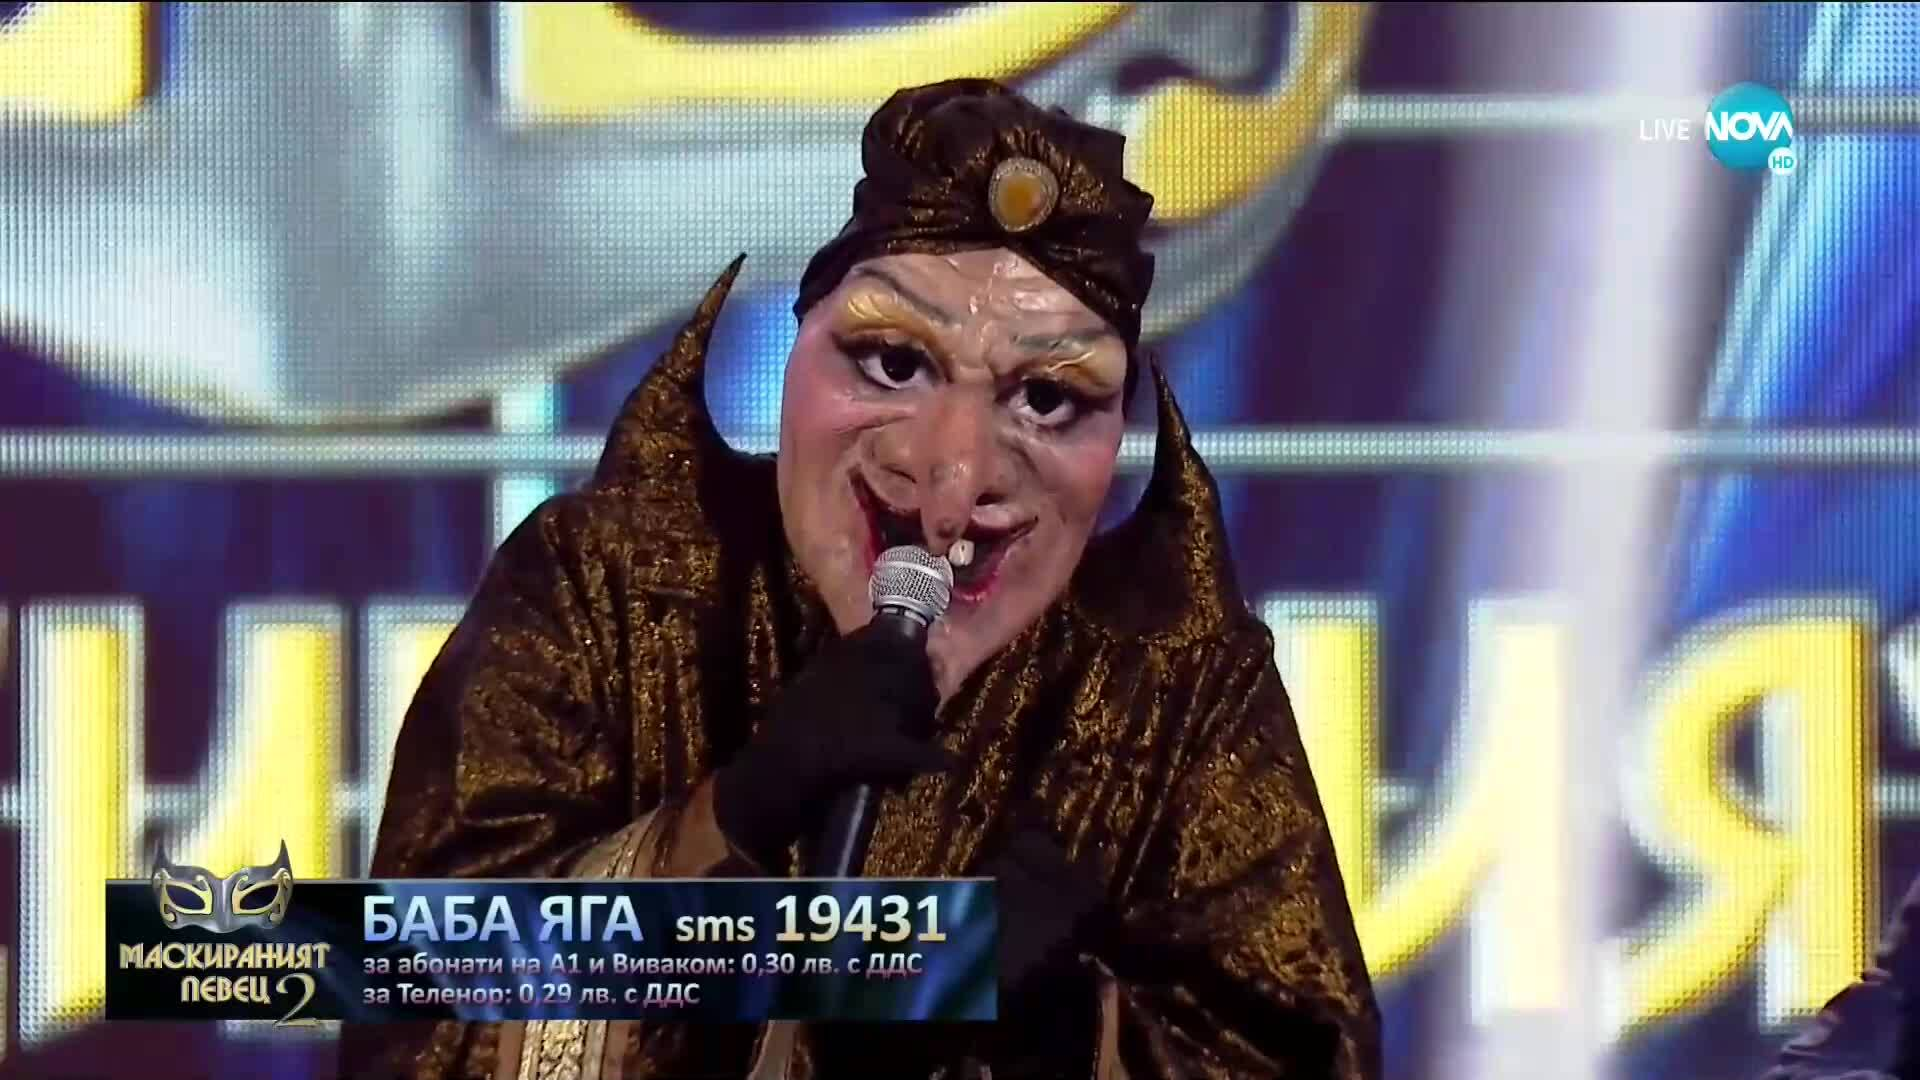 """БАБА ЯГА изпълнява """"Бате Гойко"""" на Хиподил   """"Маскираният певец"""